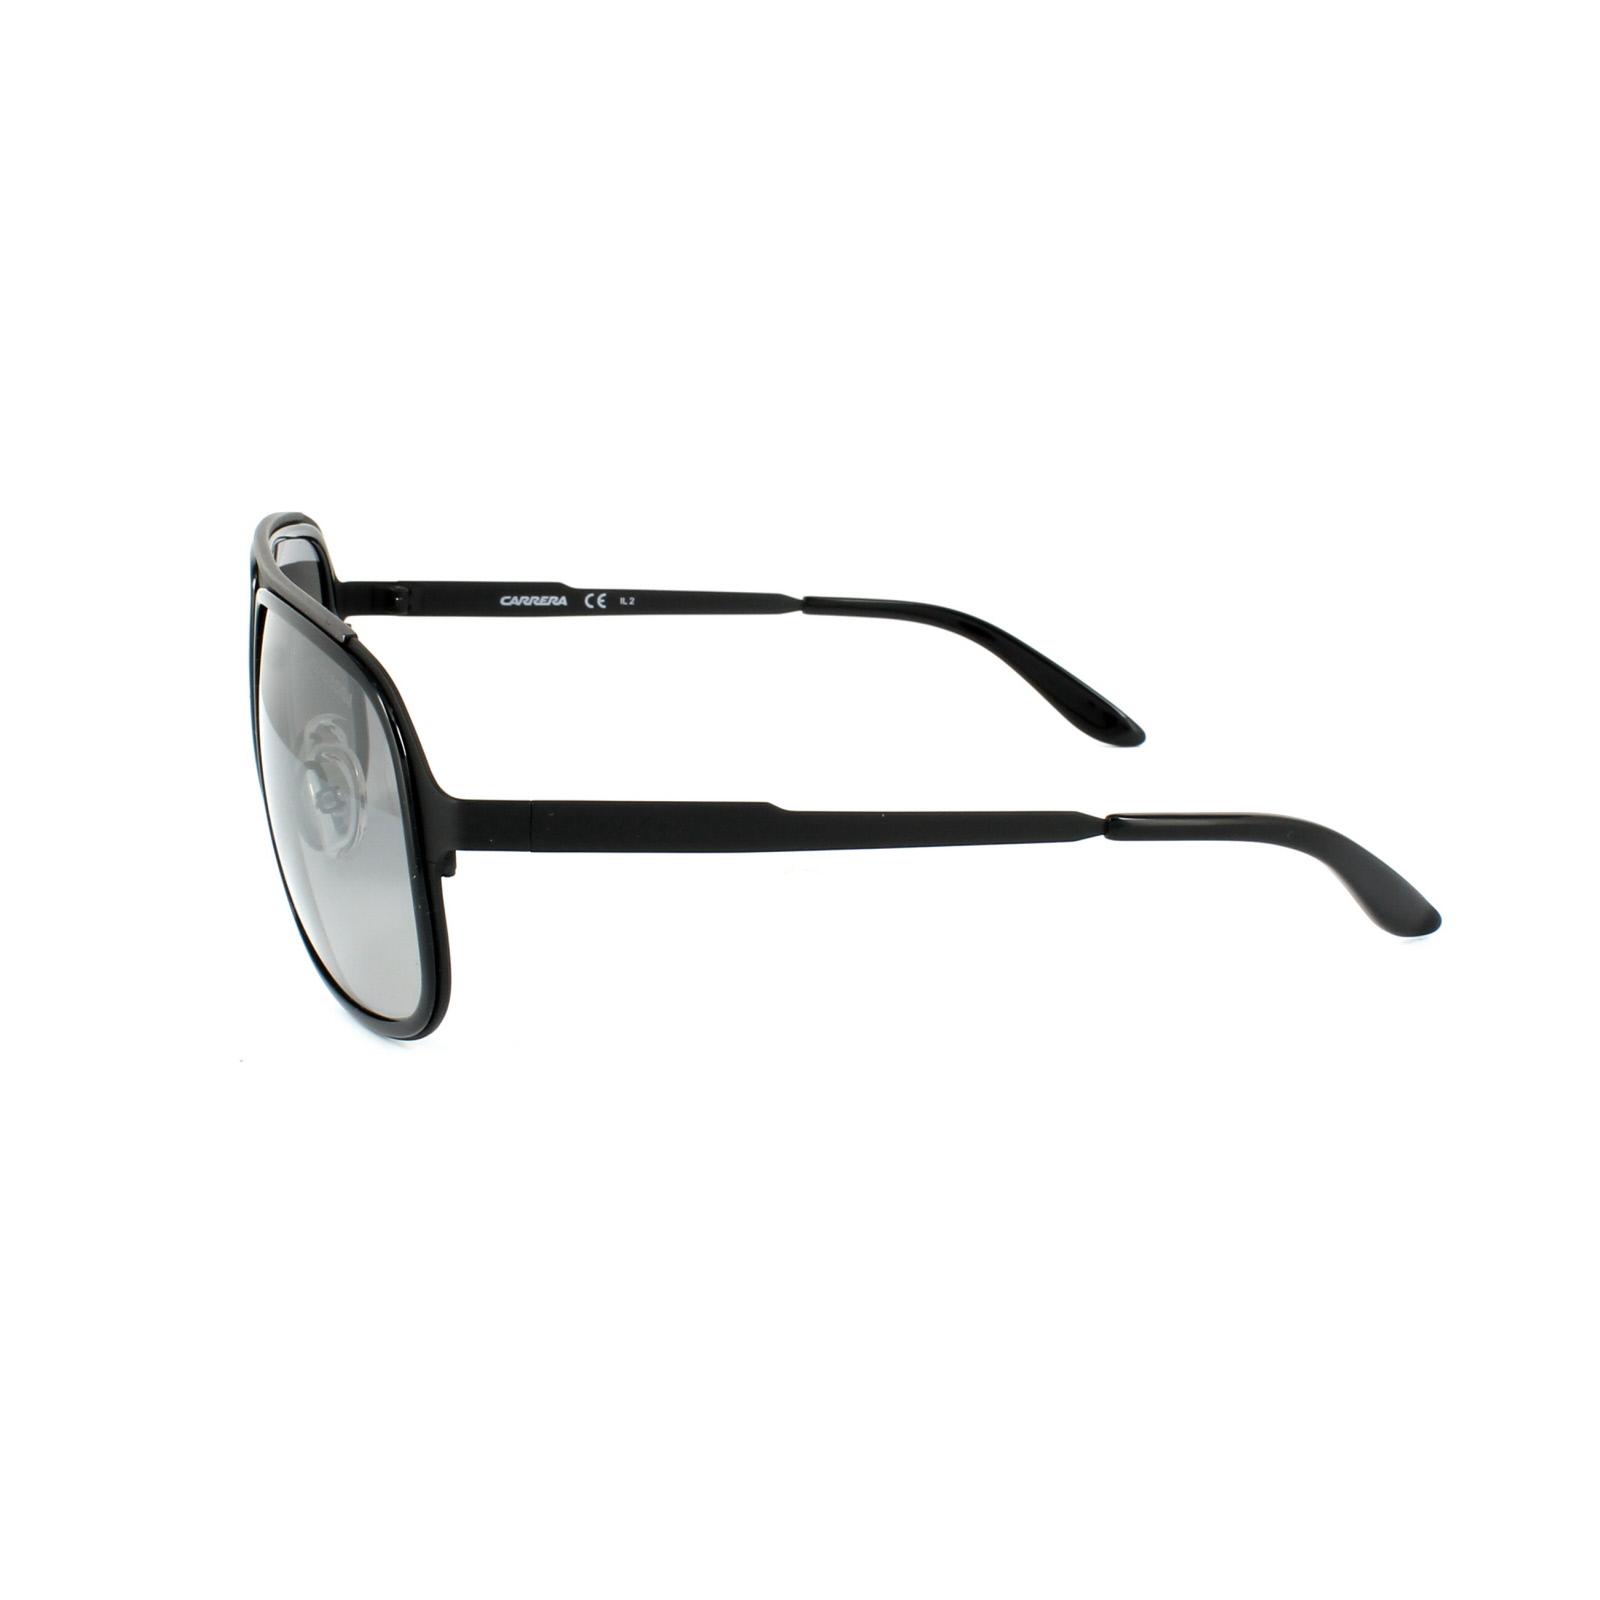 f6ff221f5461a CENTINELA Carrera gafas de Sol Carrera 101 HKQ IC rutenio brillante negro y  oscuro gris plata M